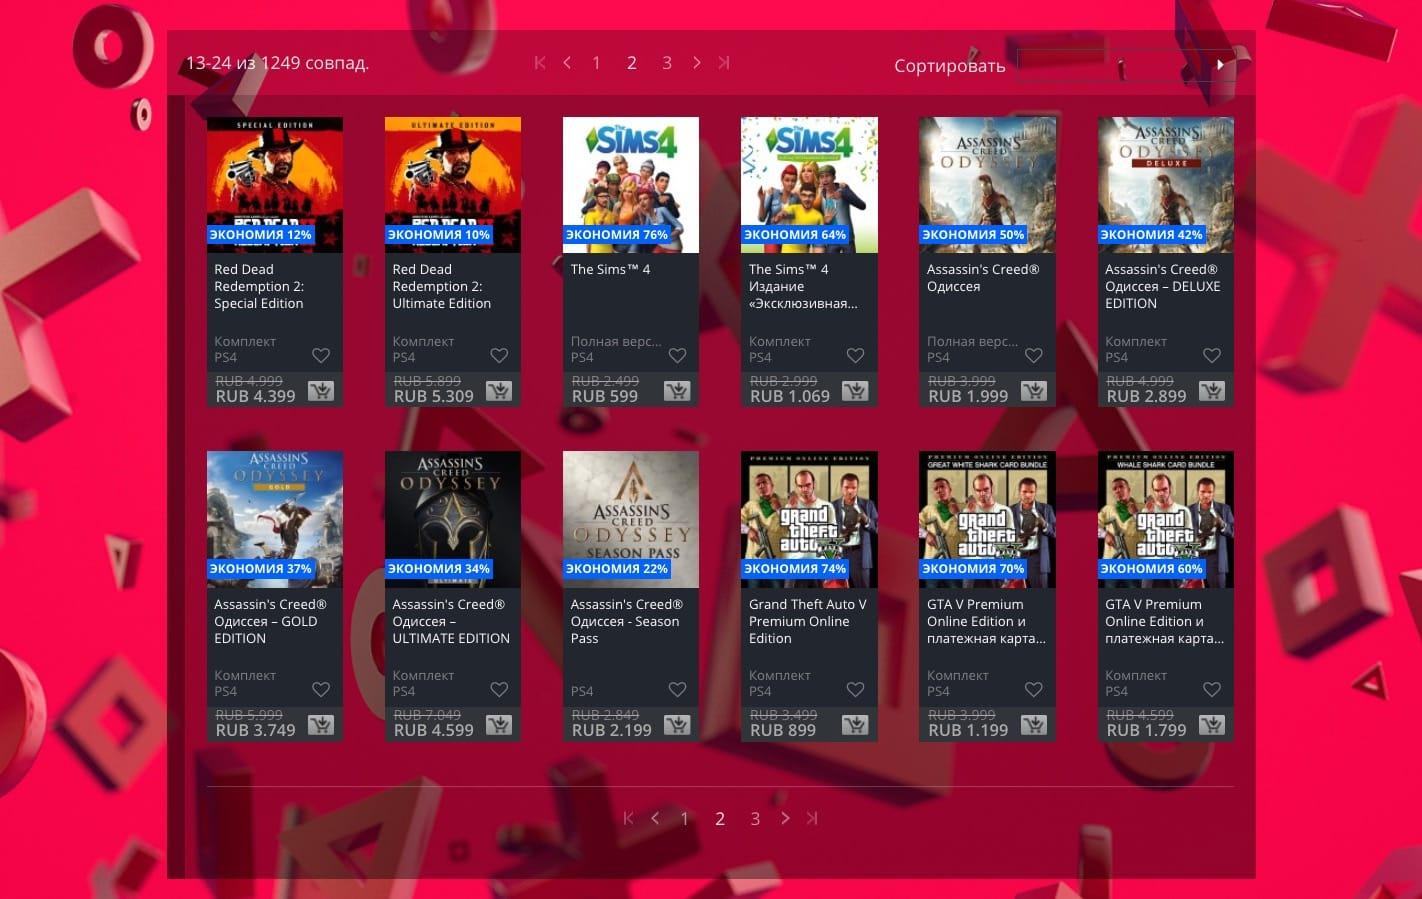 Sony на 90% снизила цены на лучшие игры для PlayStation 4 в честь новогодней распродажи»